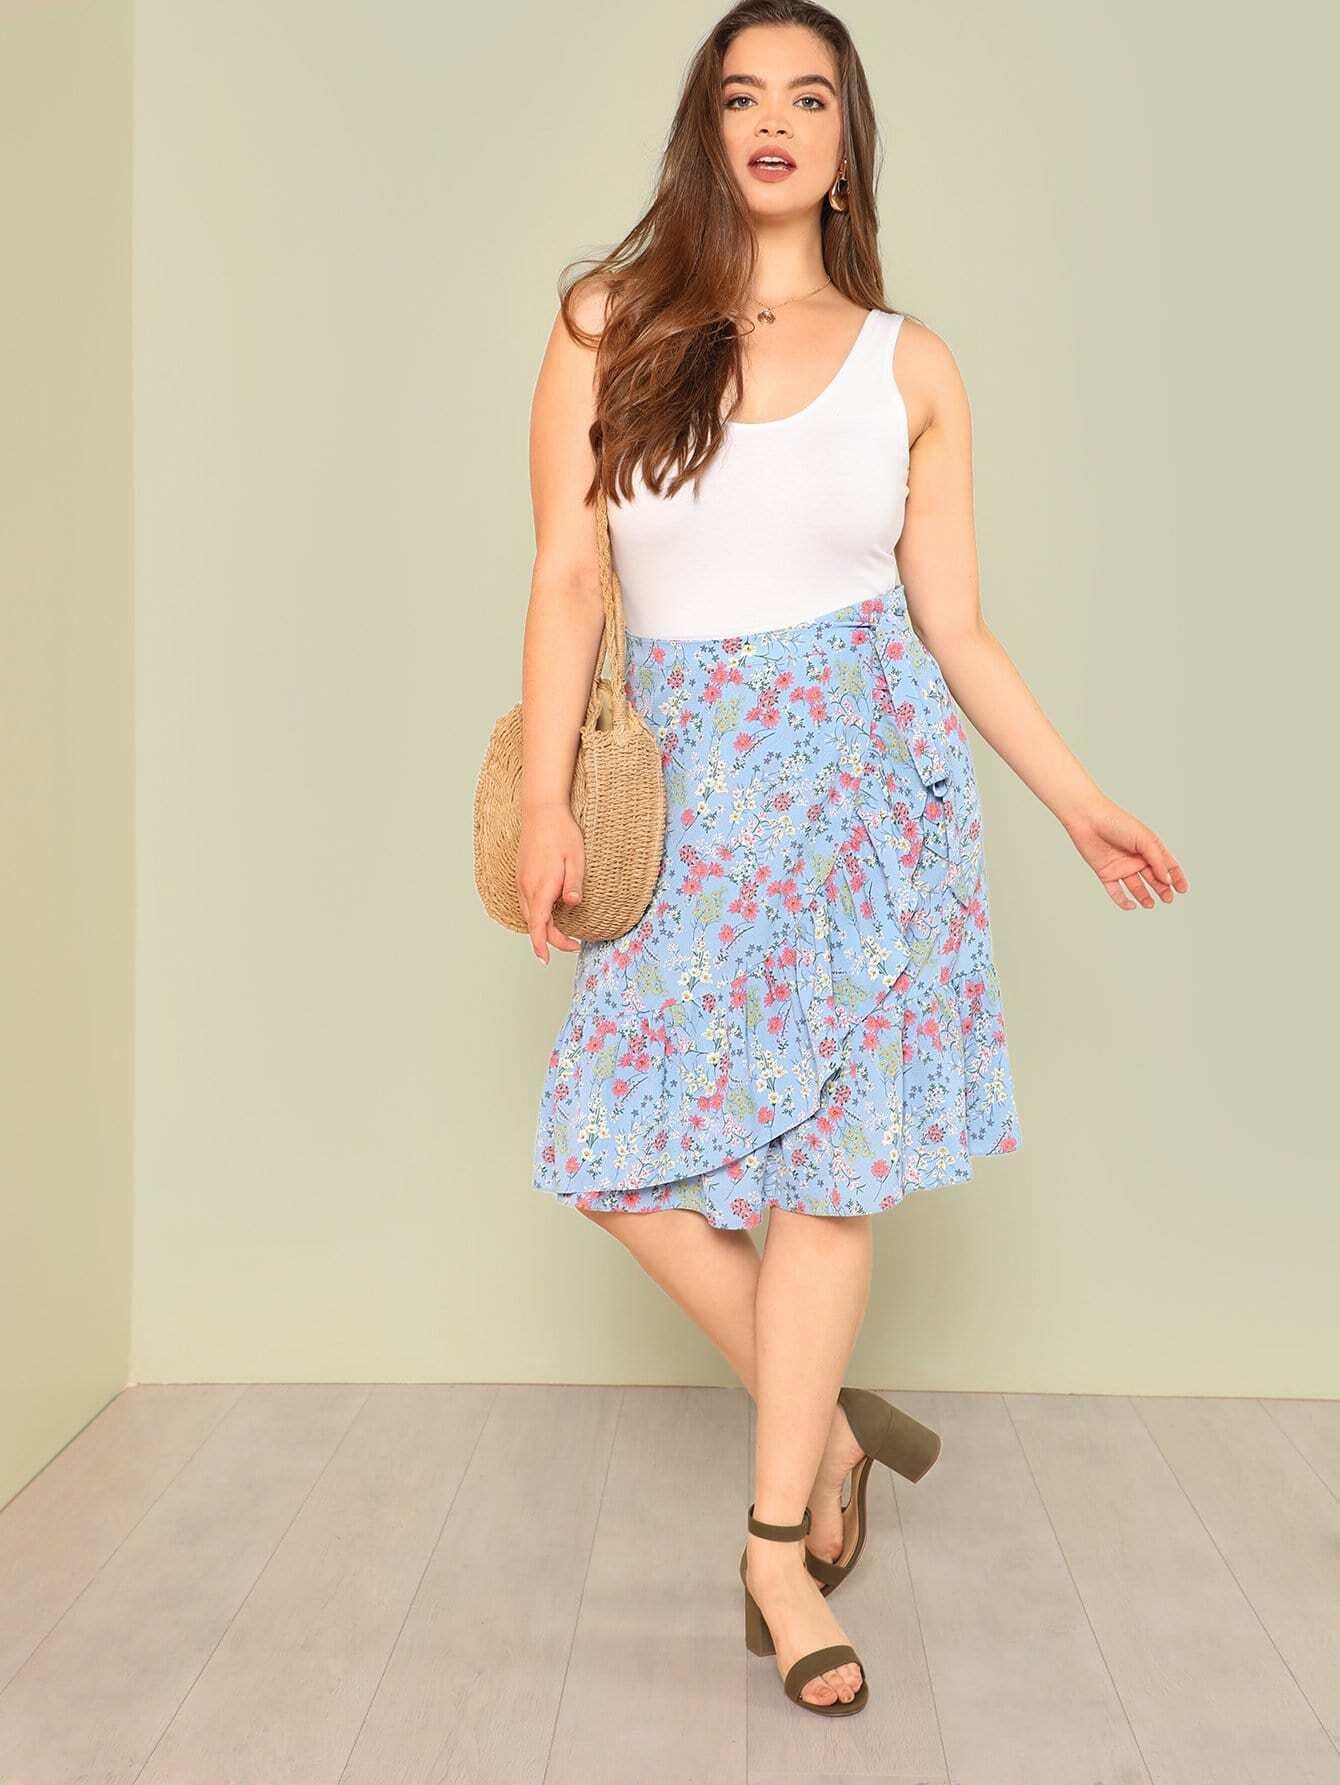 Self Tie Waist Ruffle Hem Floral Skirt self tie waist ruffle skirt